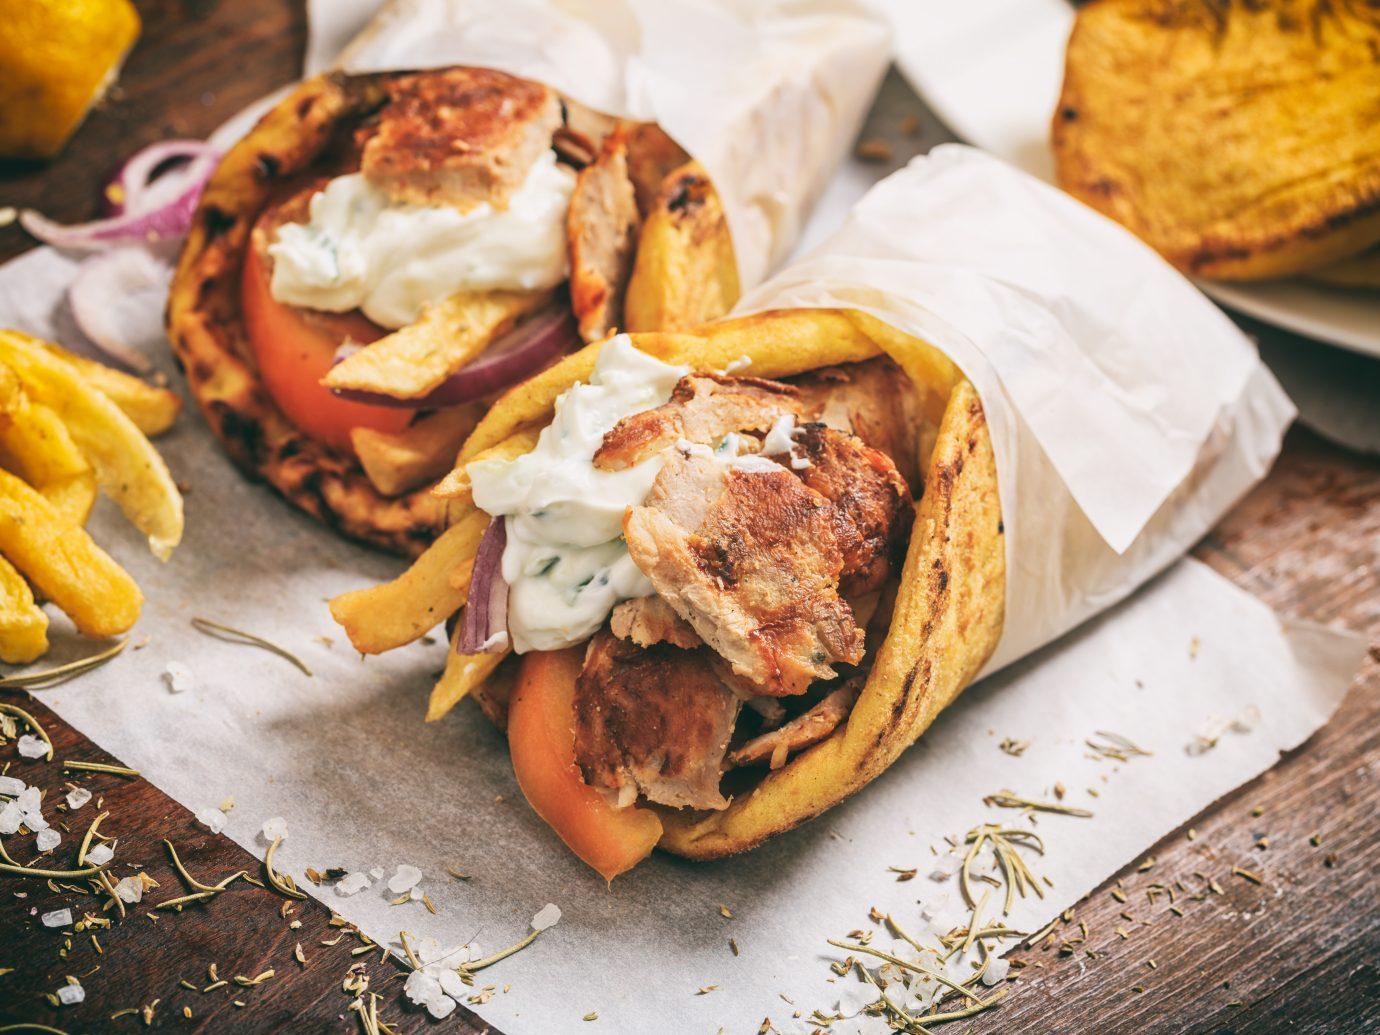 Greek wrap with sauce